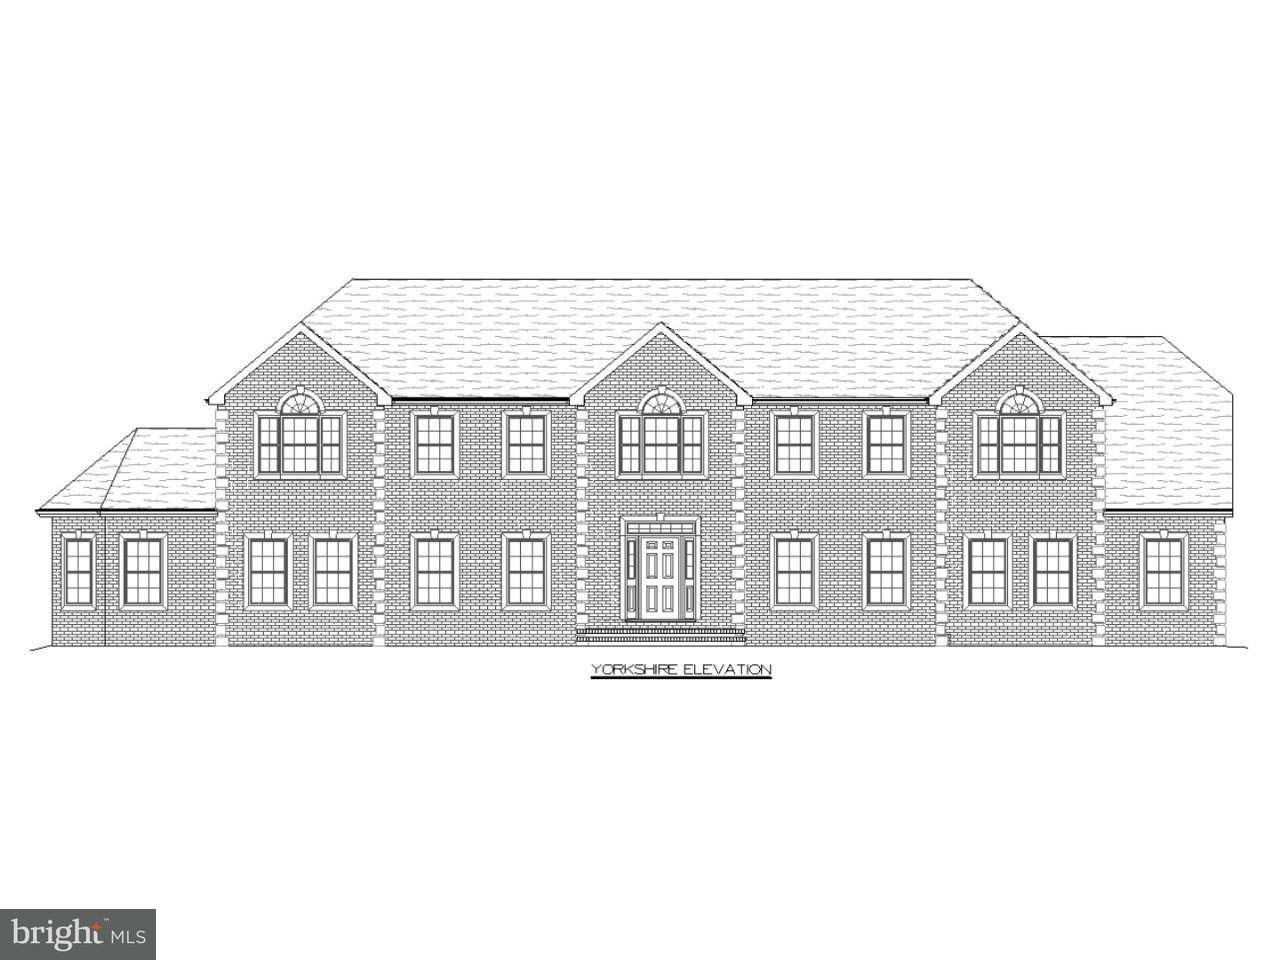 Частный односемейный дом для того Продажа на 12 SIENNA Court Robbinsville, Нью-Джерси 08691 Соединенные Штаты